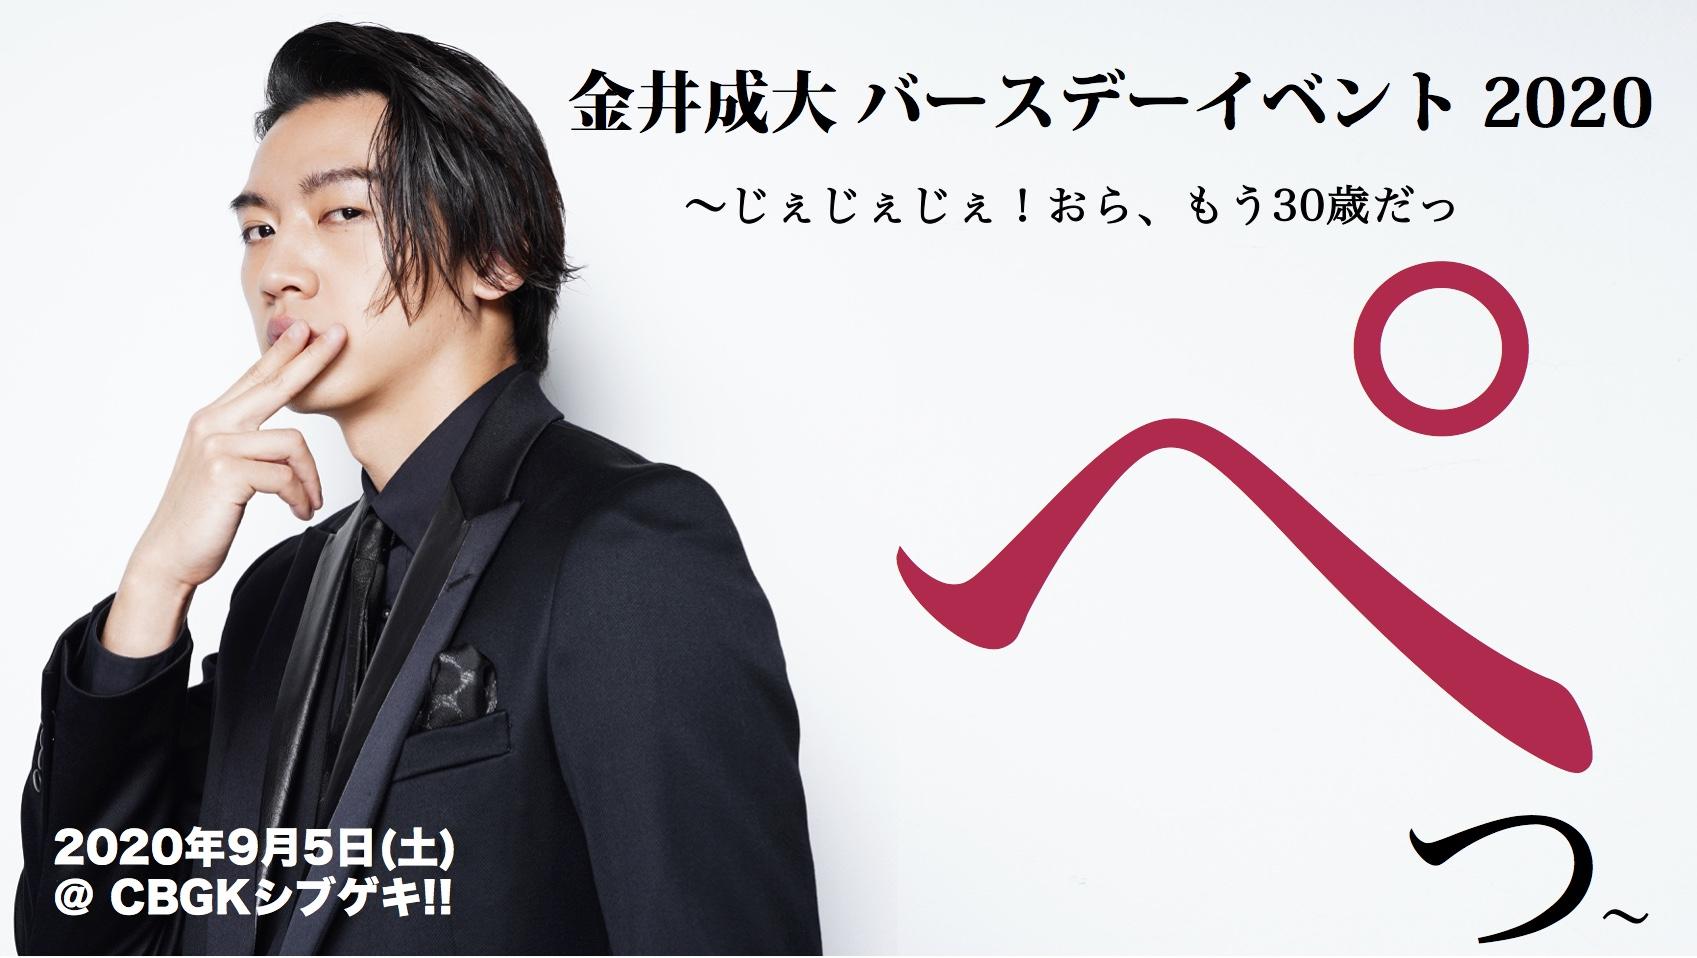 金井成大バースデーイベント2020〜じぇじぇじぇ!おら、もう30歳だっぺ!〜